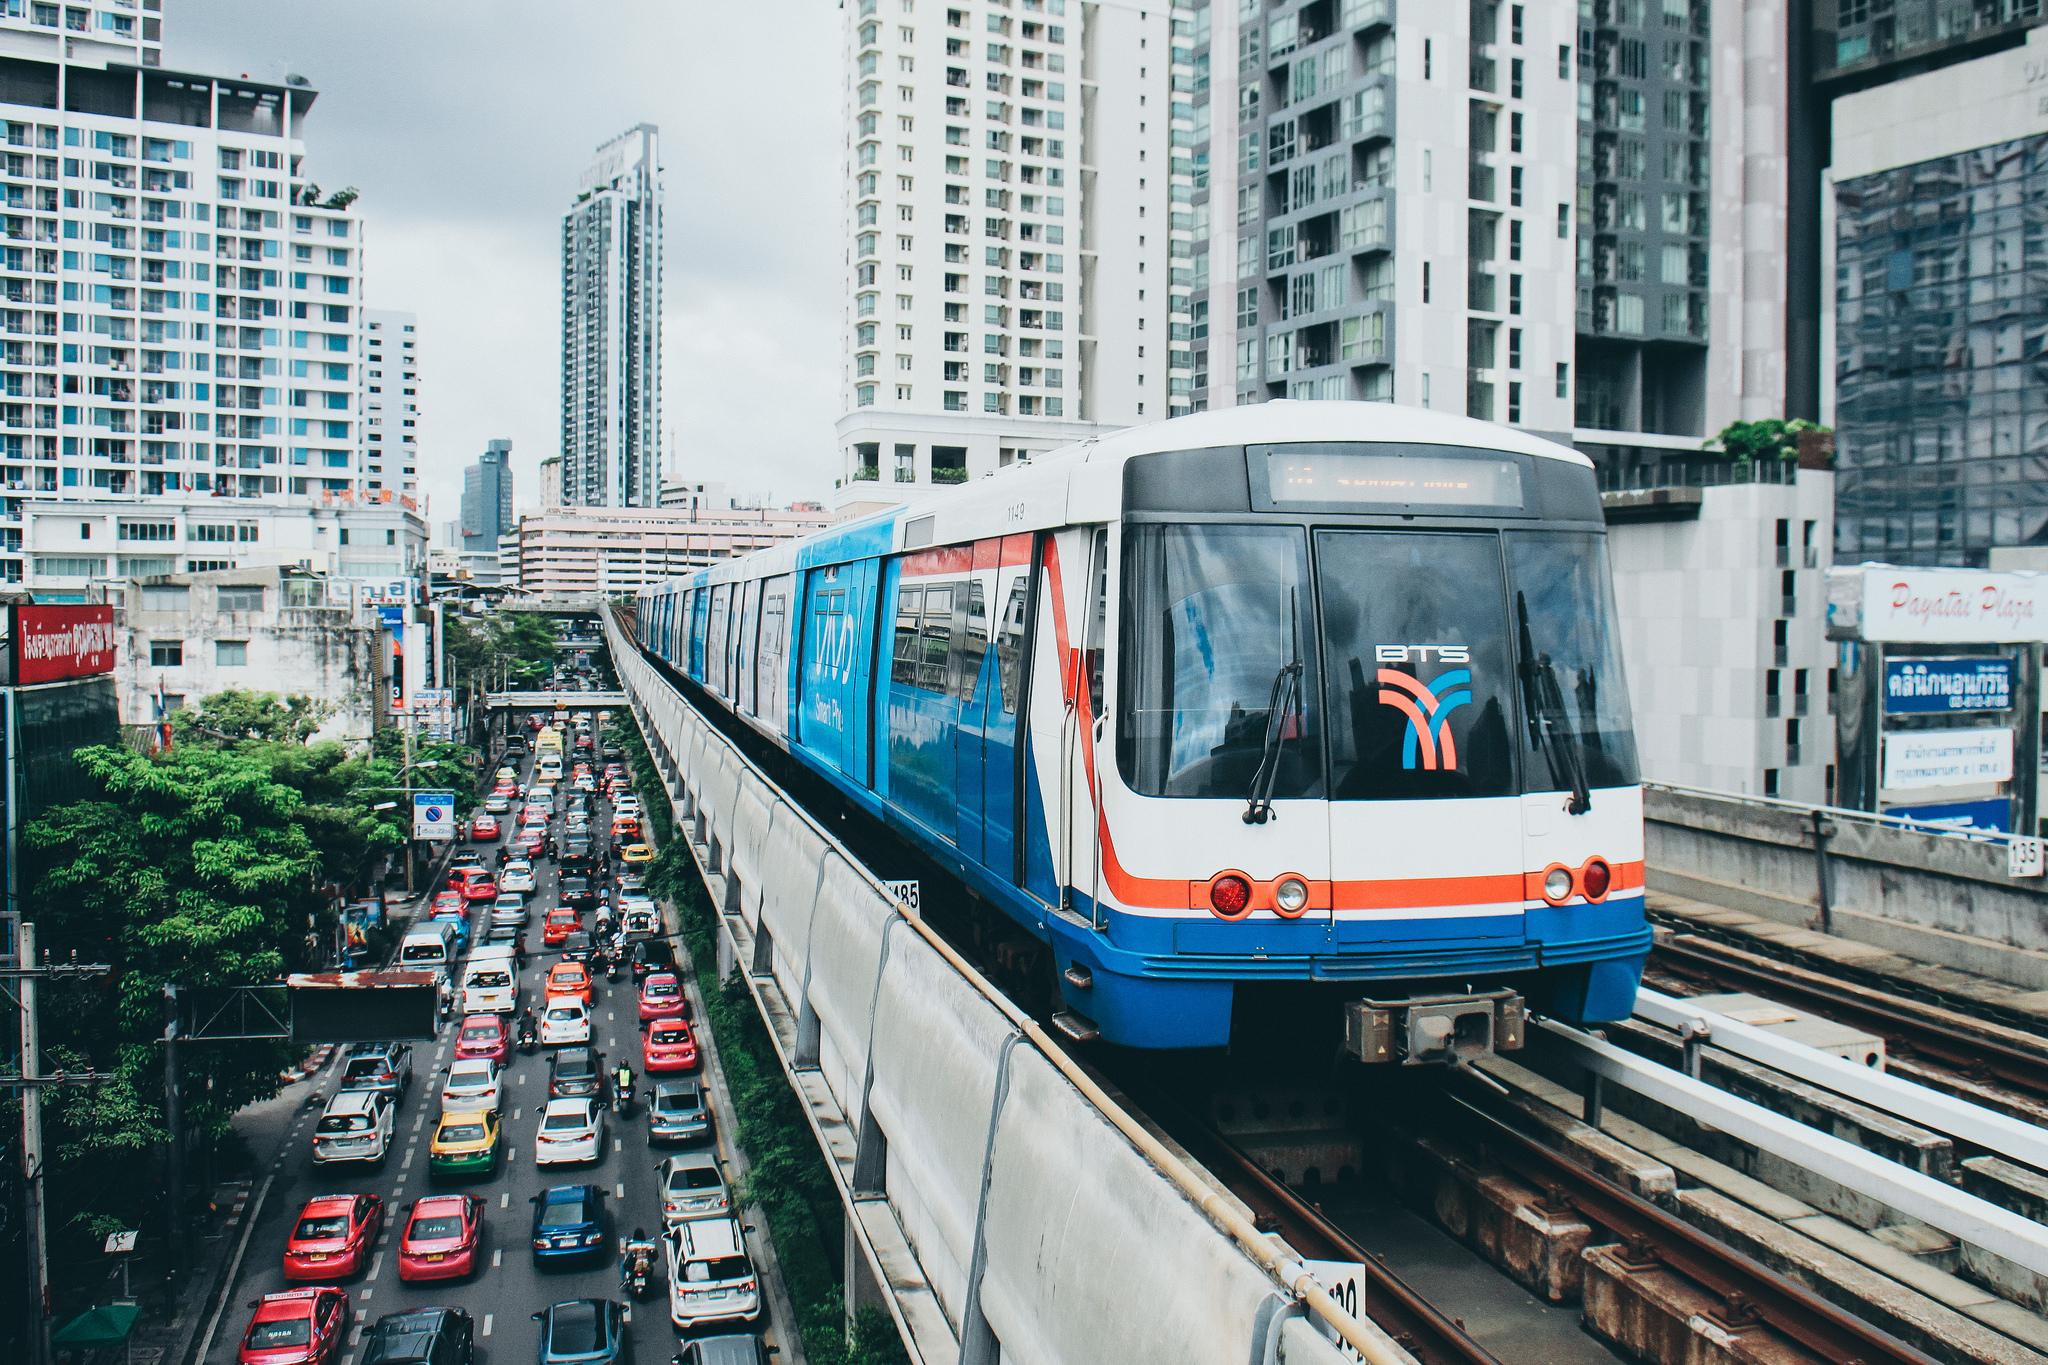 Les profits de l'exploitant du BTS Skytrain de Bangkok ont connu une augmentation impressionnante de 120 % lors du dernier exercice